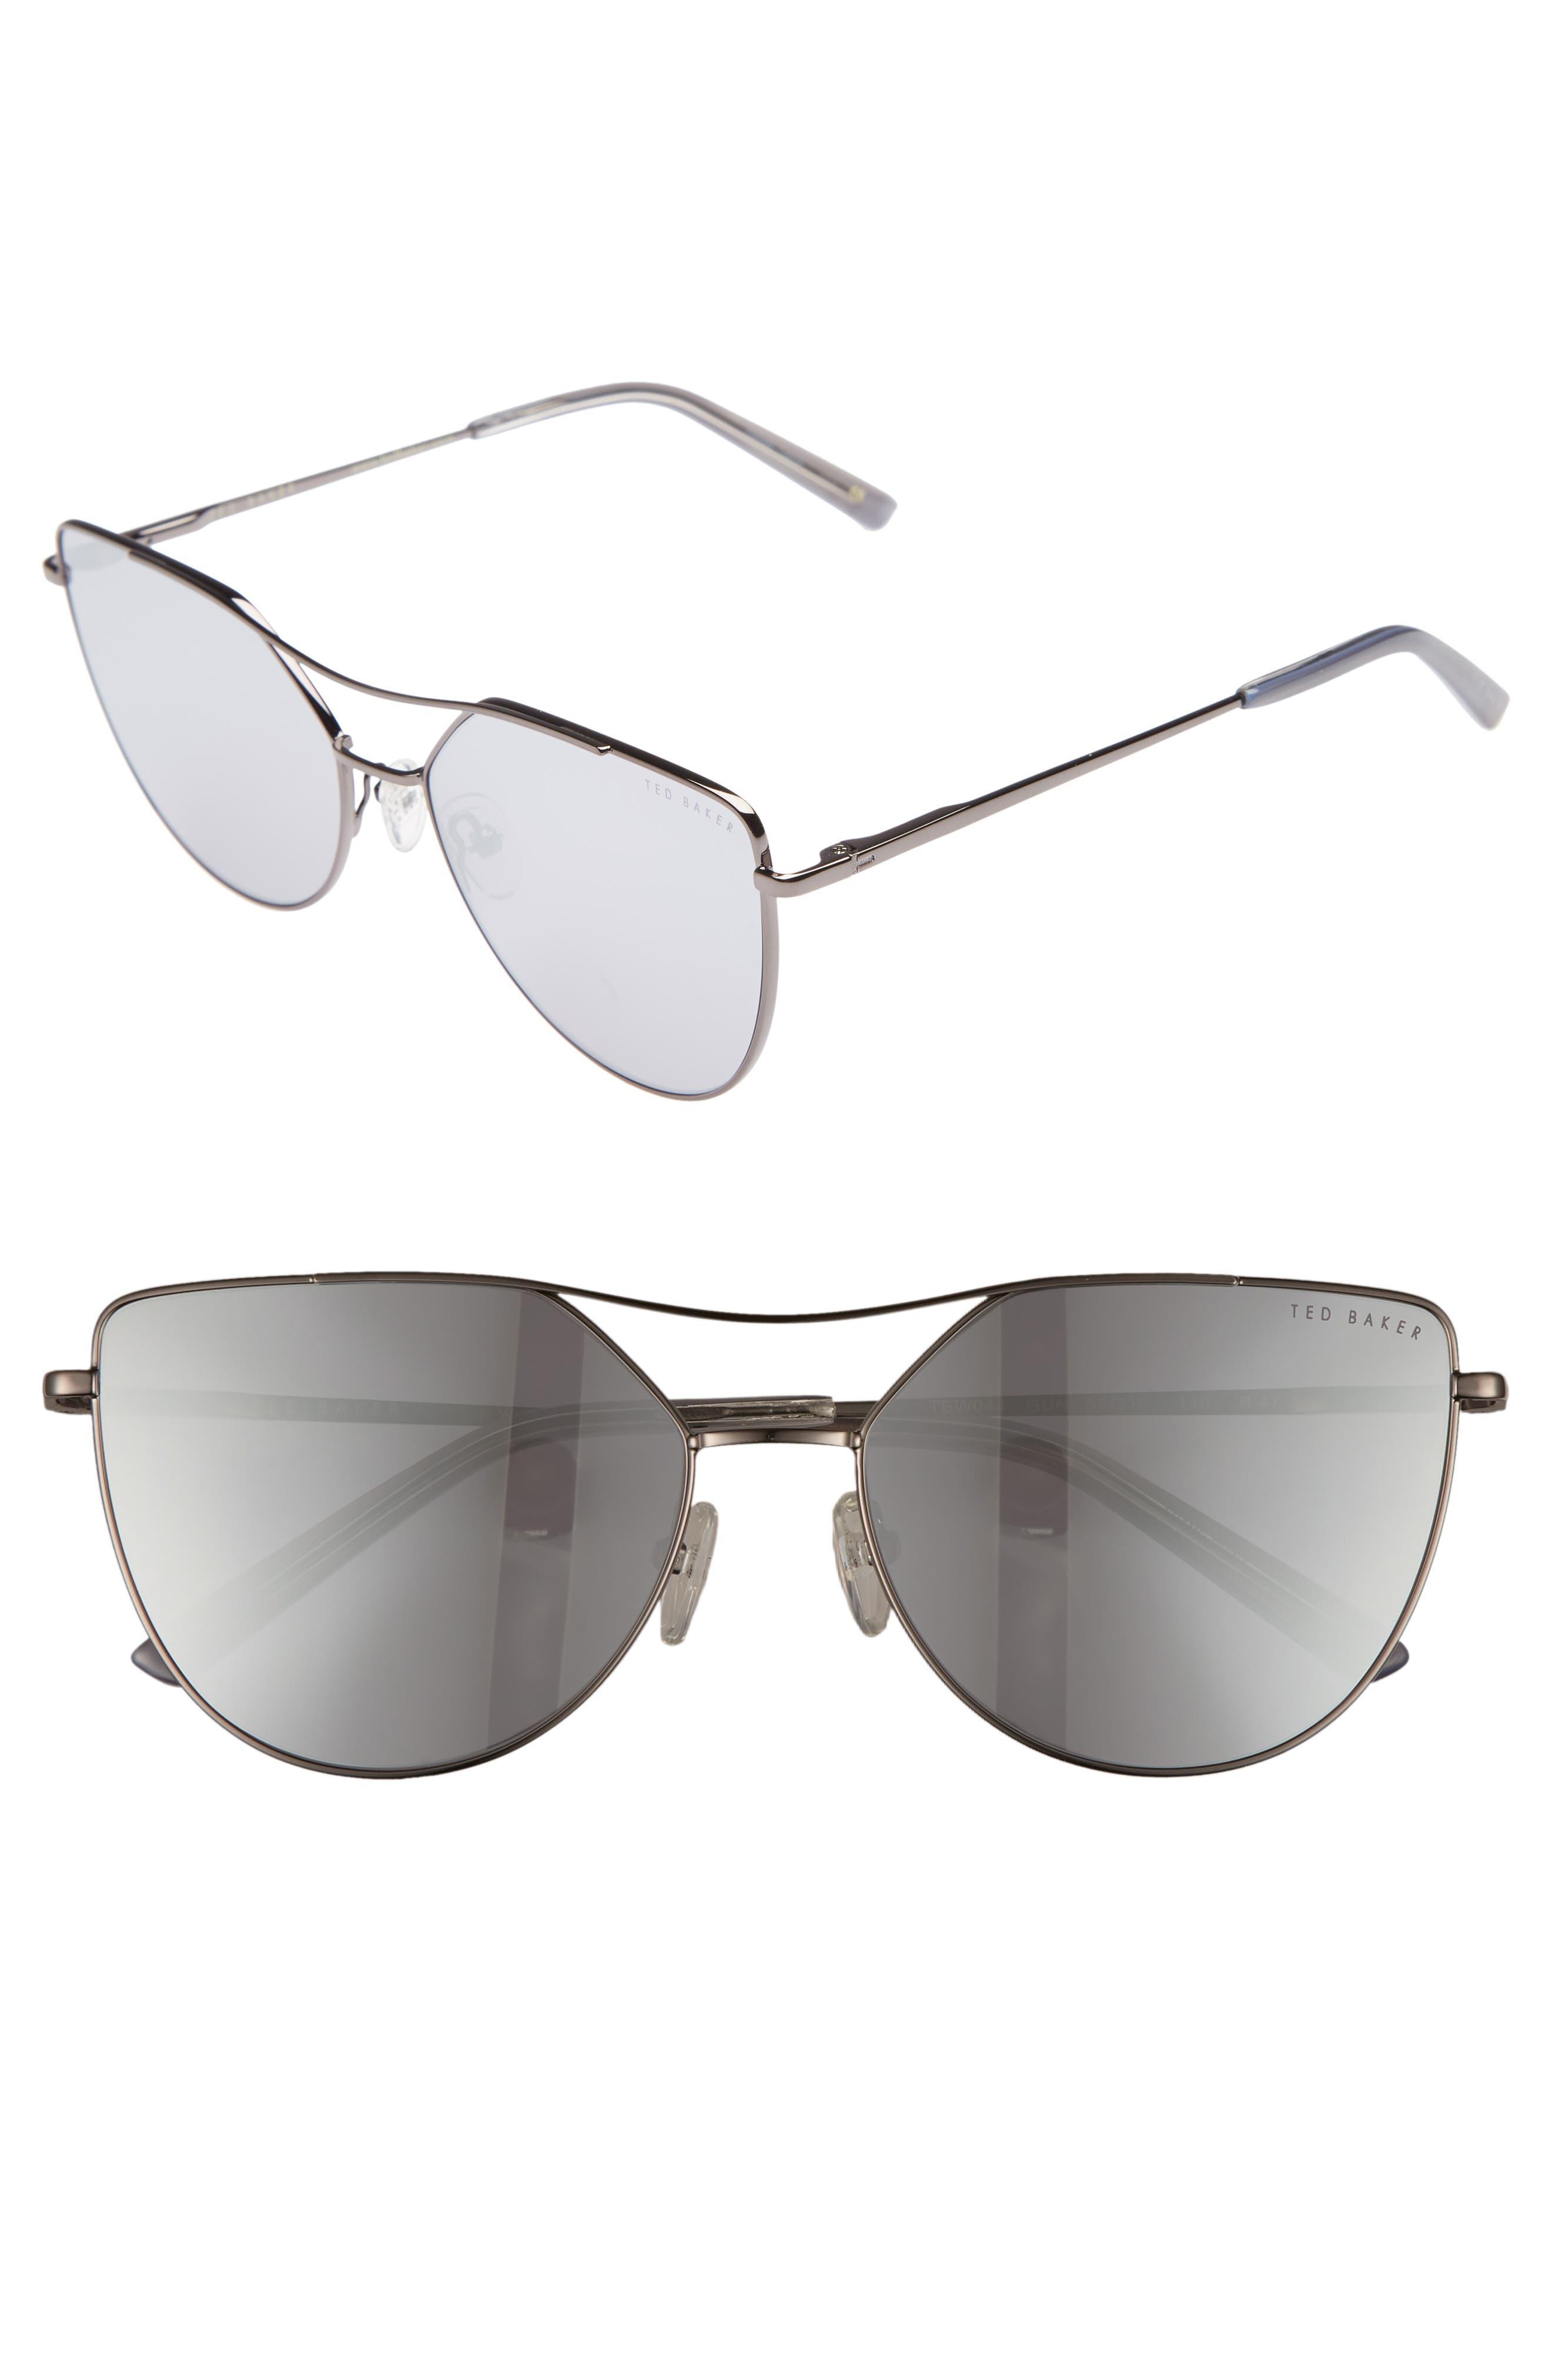 57mm Geometric Aviator Sunglasses,                         Main,                         color, GUN METAL